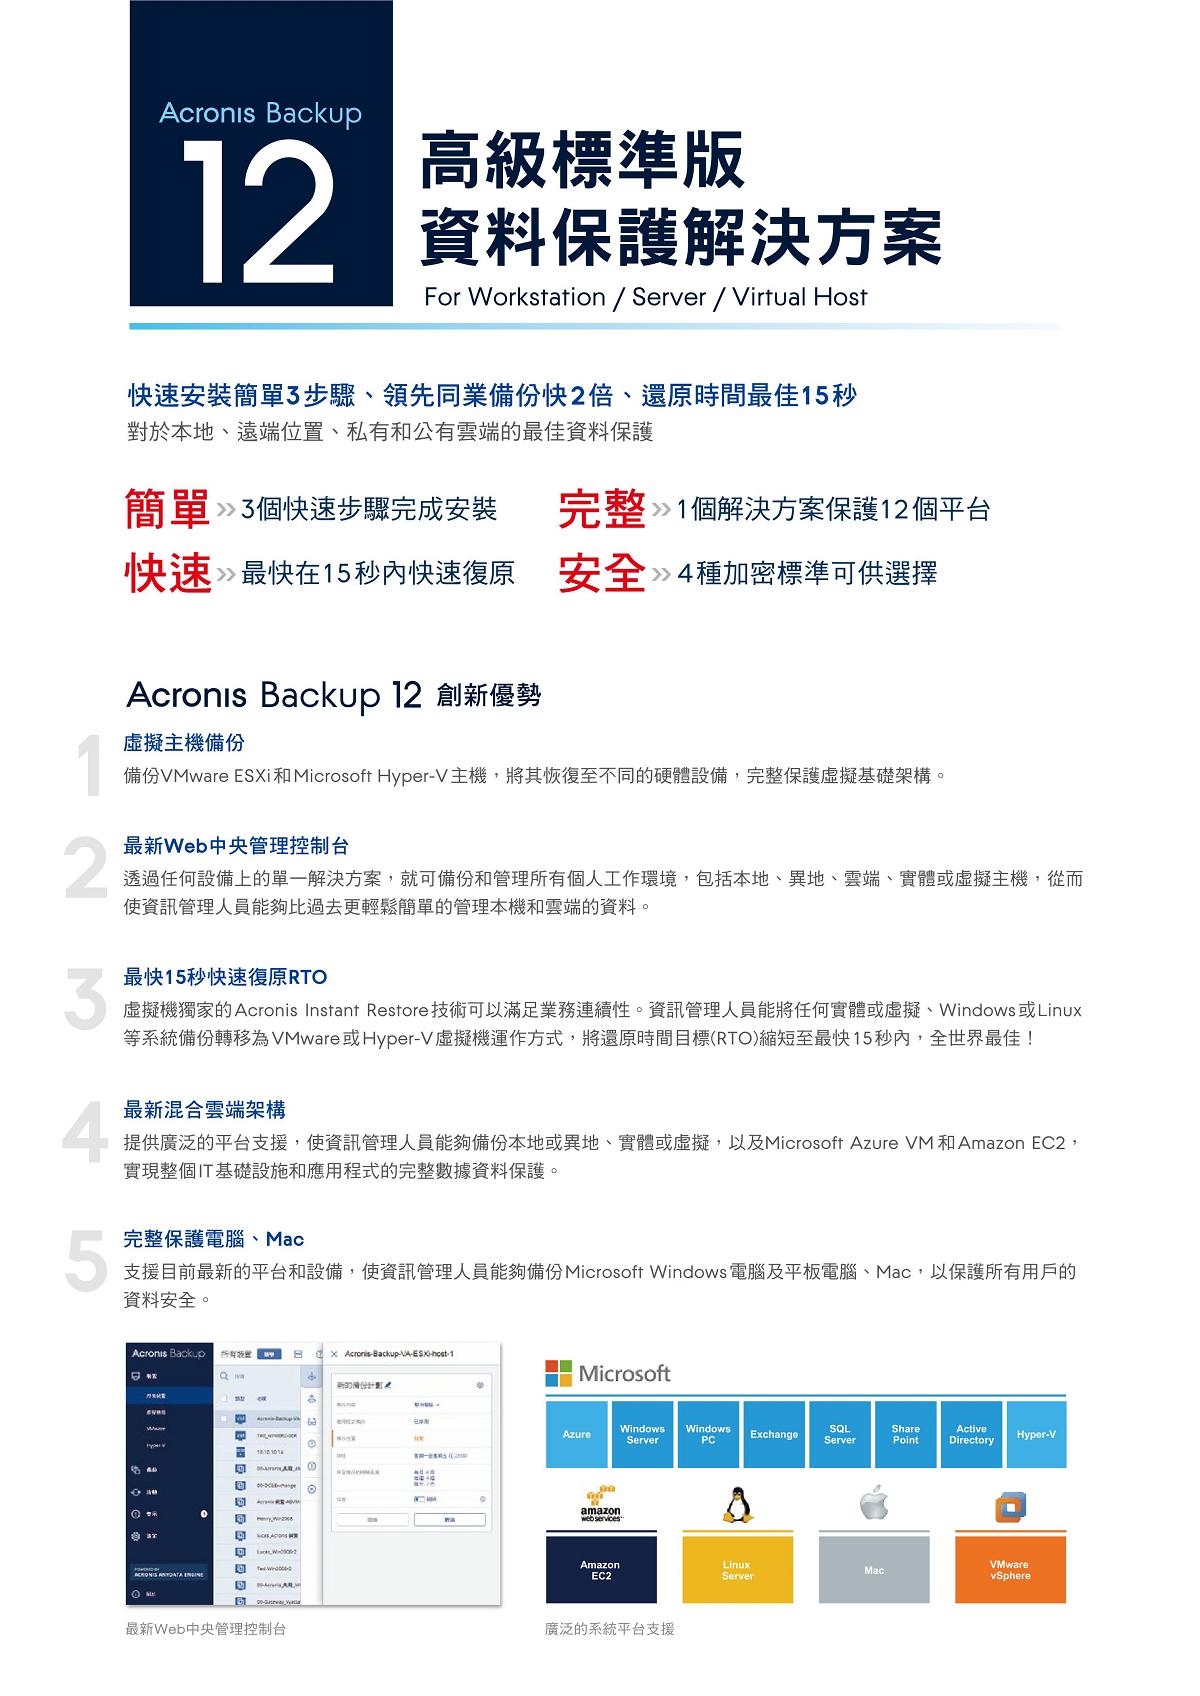 acronis-backup-v12-p2-techez-1200